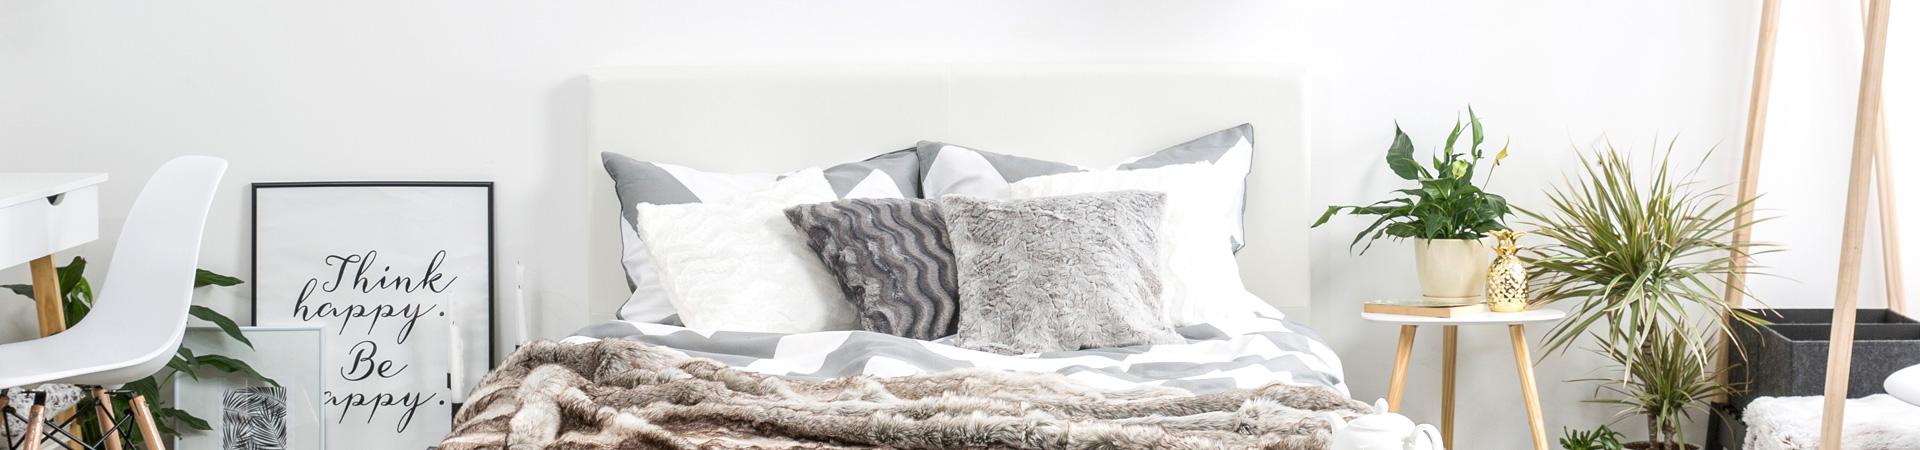 Lovos ir lovų grotelės